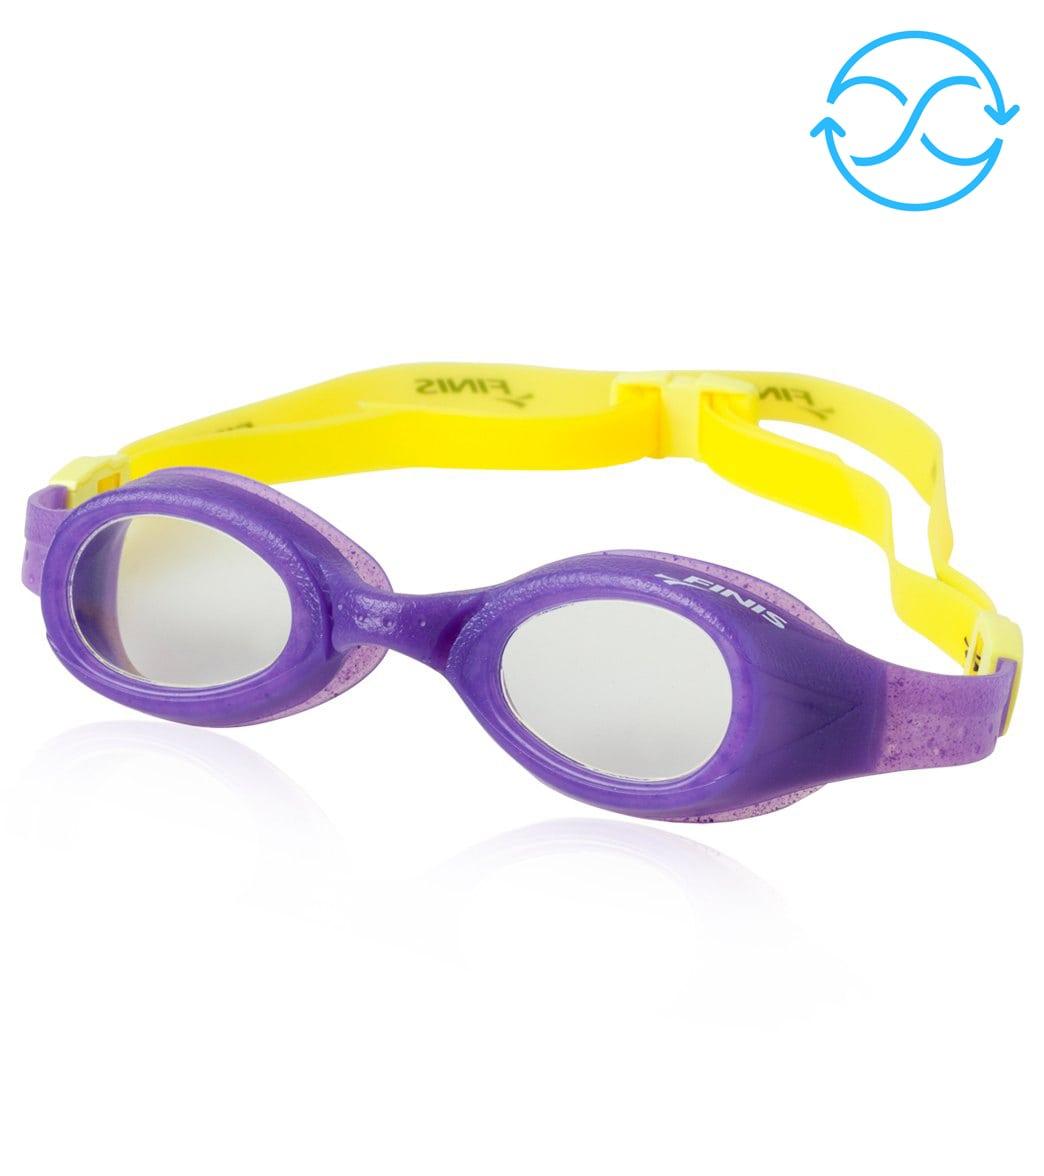 4ed03d9c6d47 FINIS Fruit Basket Children s Goggles at SwimOutlet.com